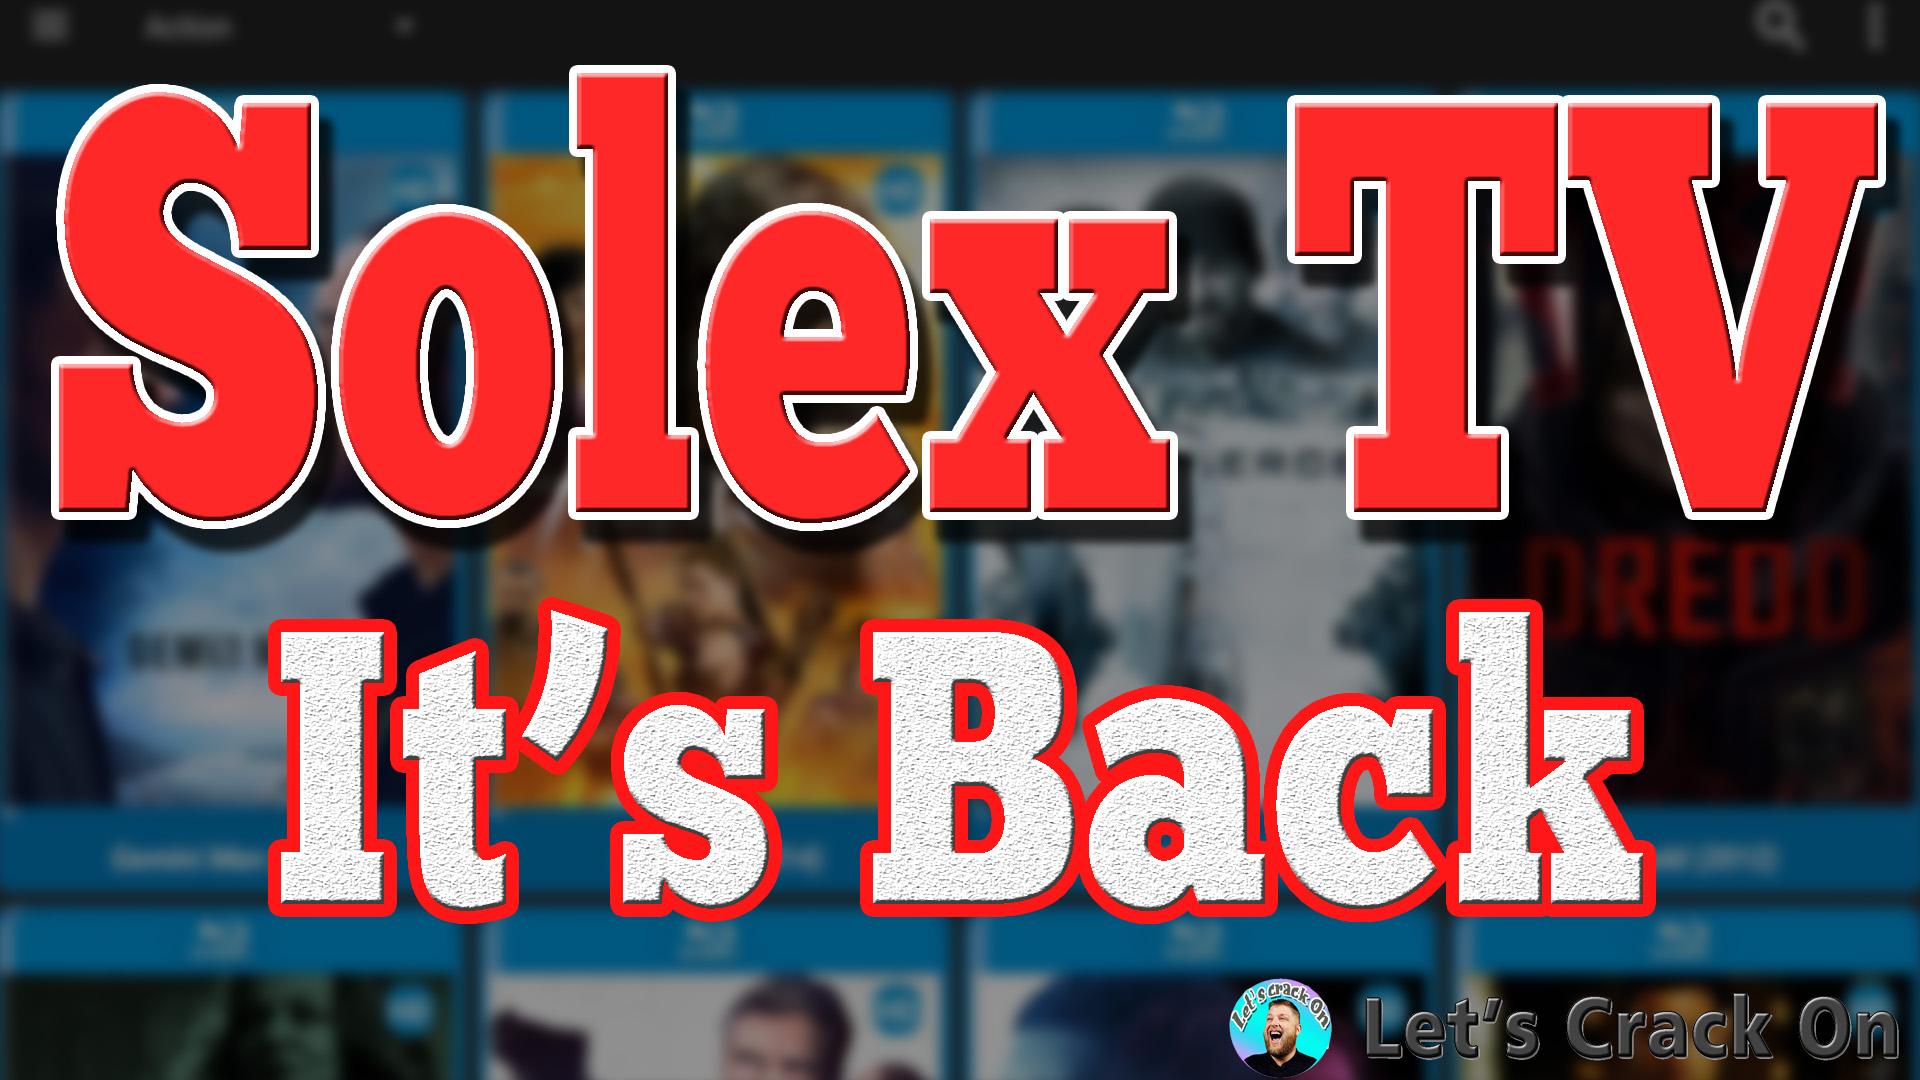 Solex TV